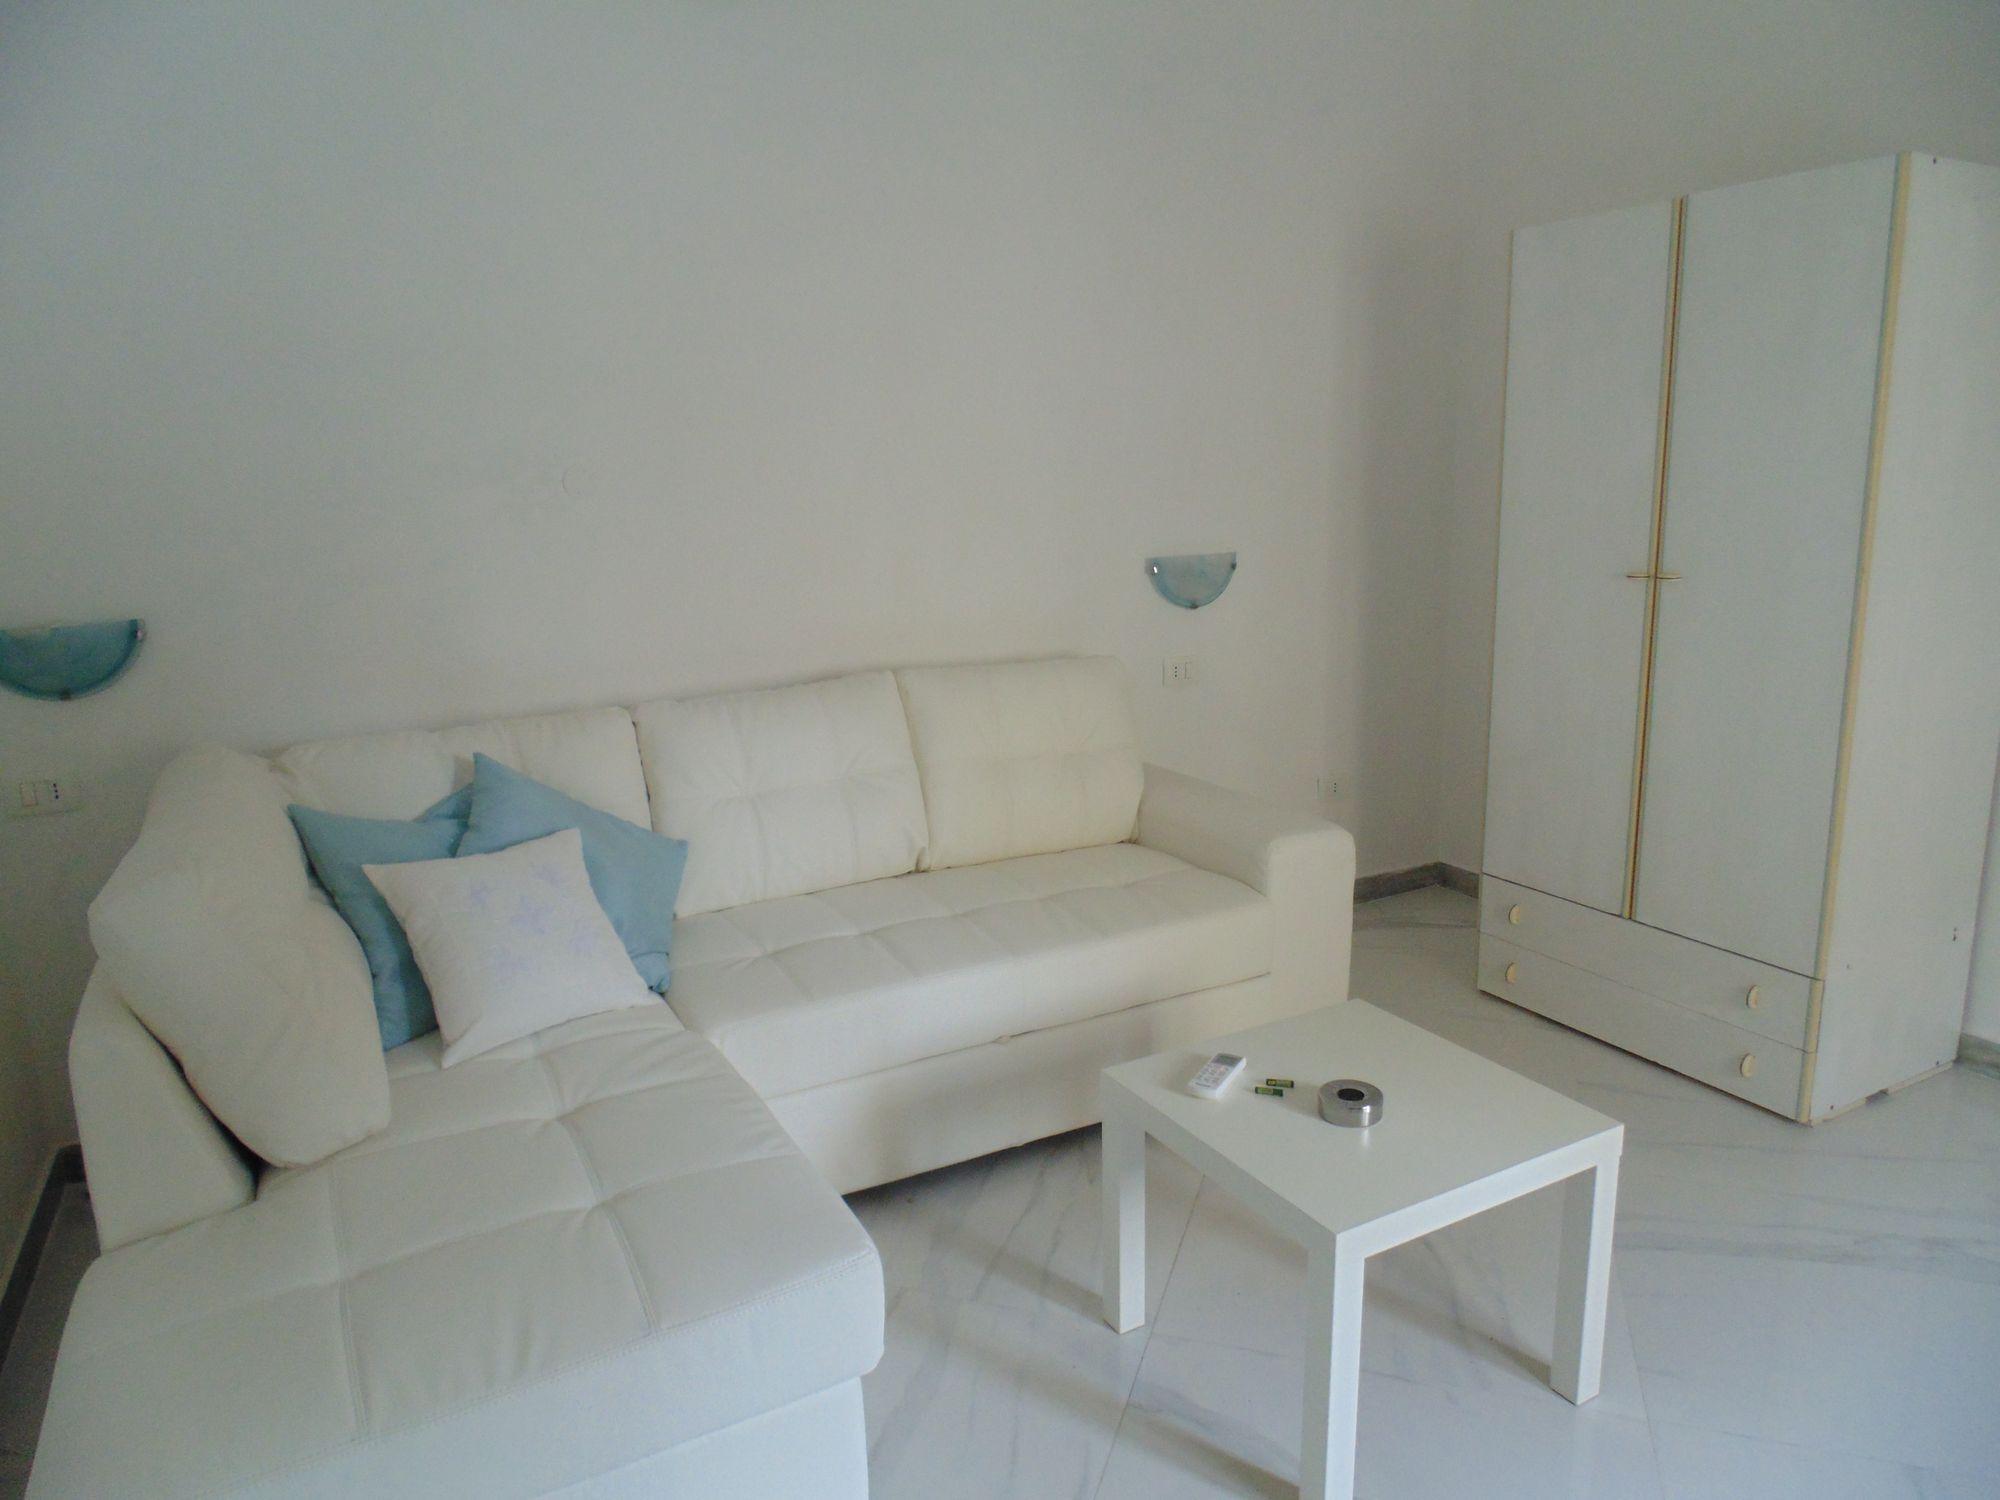 Appartamento nei pressi del centro storico di Pachino in affitto per il periodo estivo, composto da: 2 posti letto, un